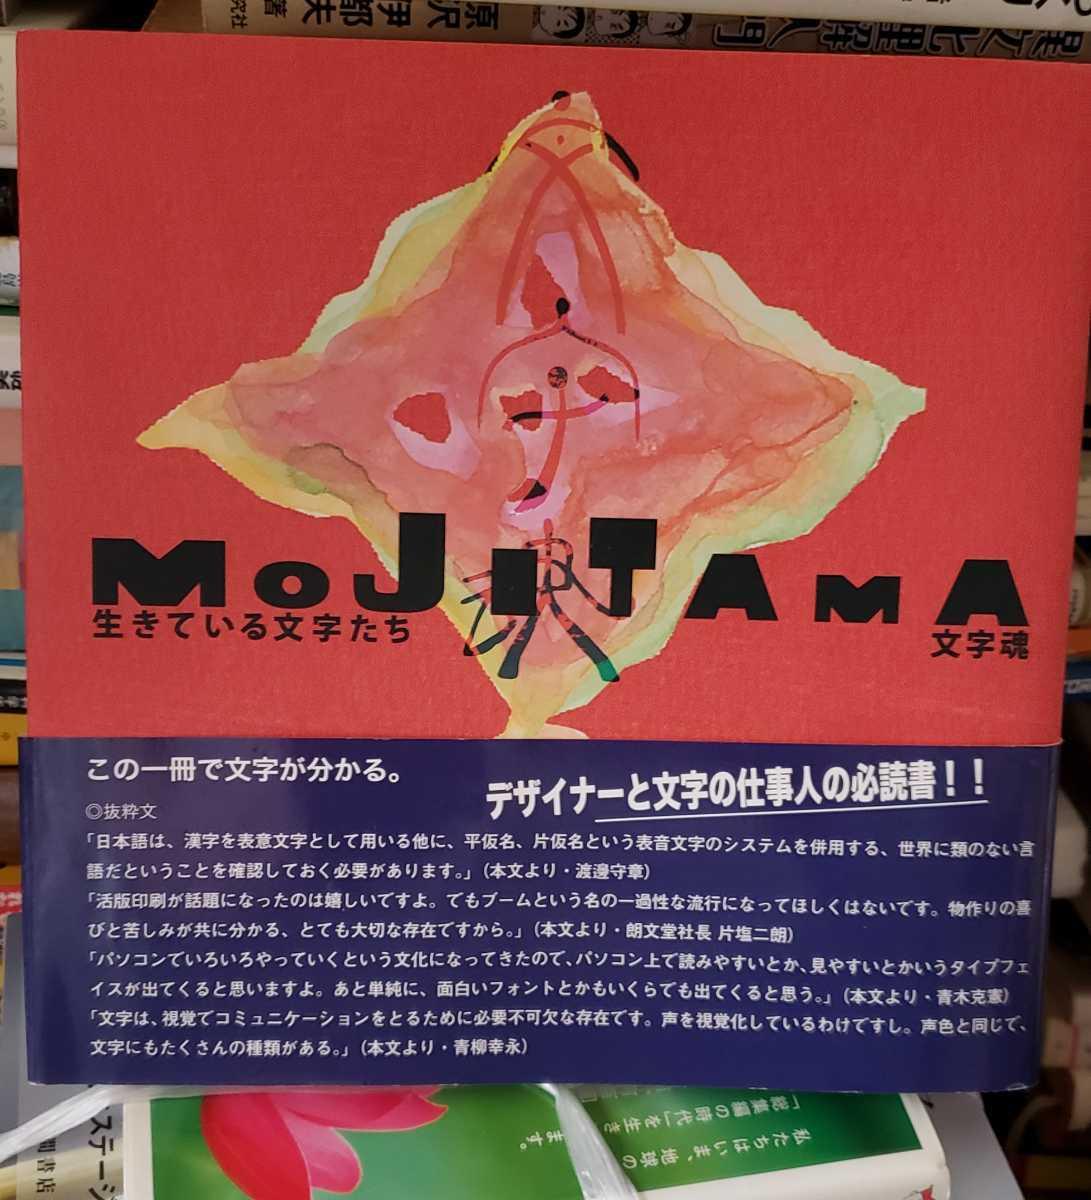 【非売品】MOJITAMA 文字魂 生きている文字たち【管理番号2Fhosocp本0502】コピーライター、宣伝、アートデザイン 美術 ロゴ_画像1